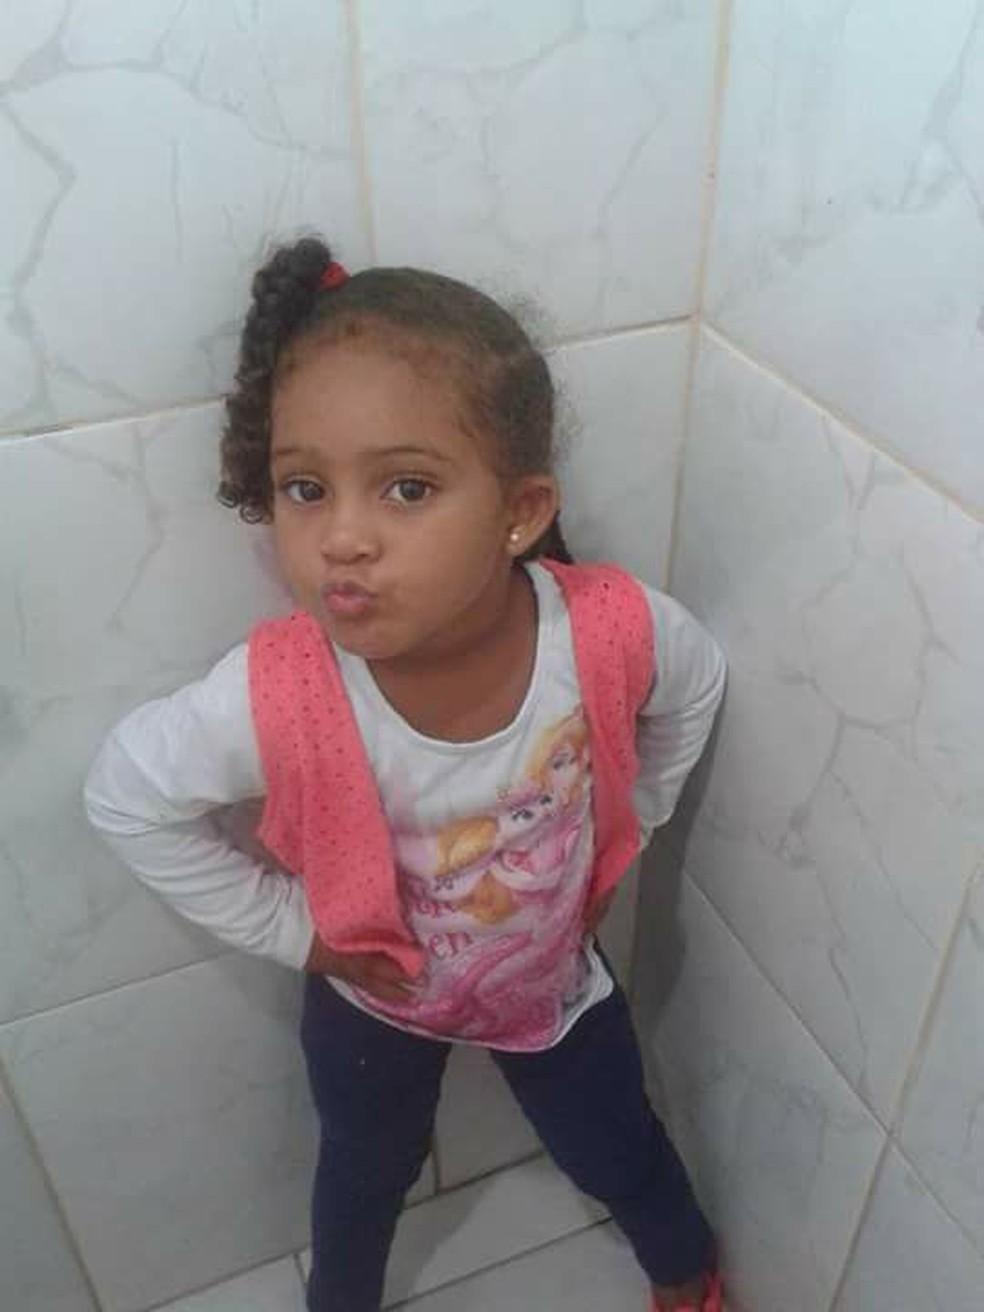 Pais disseram que Gabrielly era uma menina alegre e gostava de brincar — Foto: Reprodução/Facebook